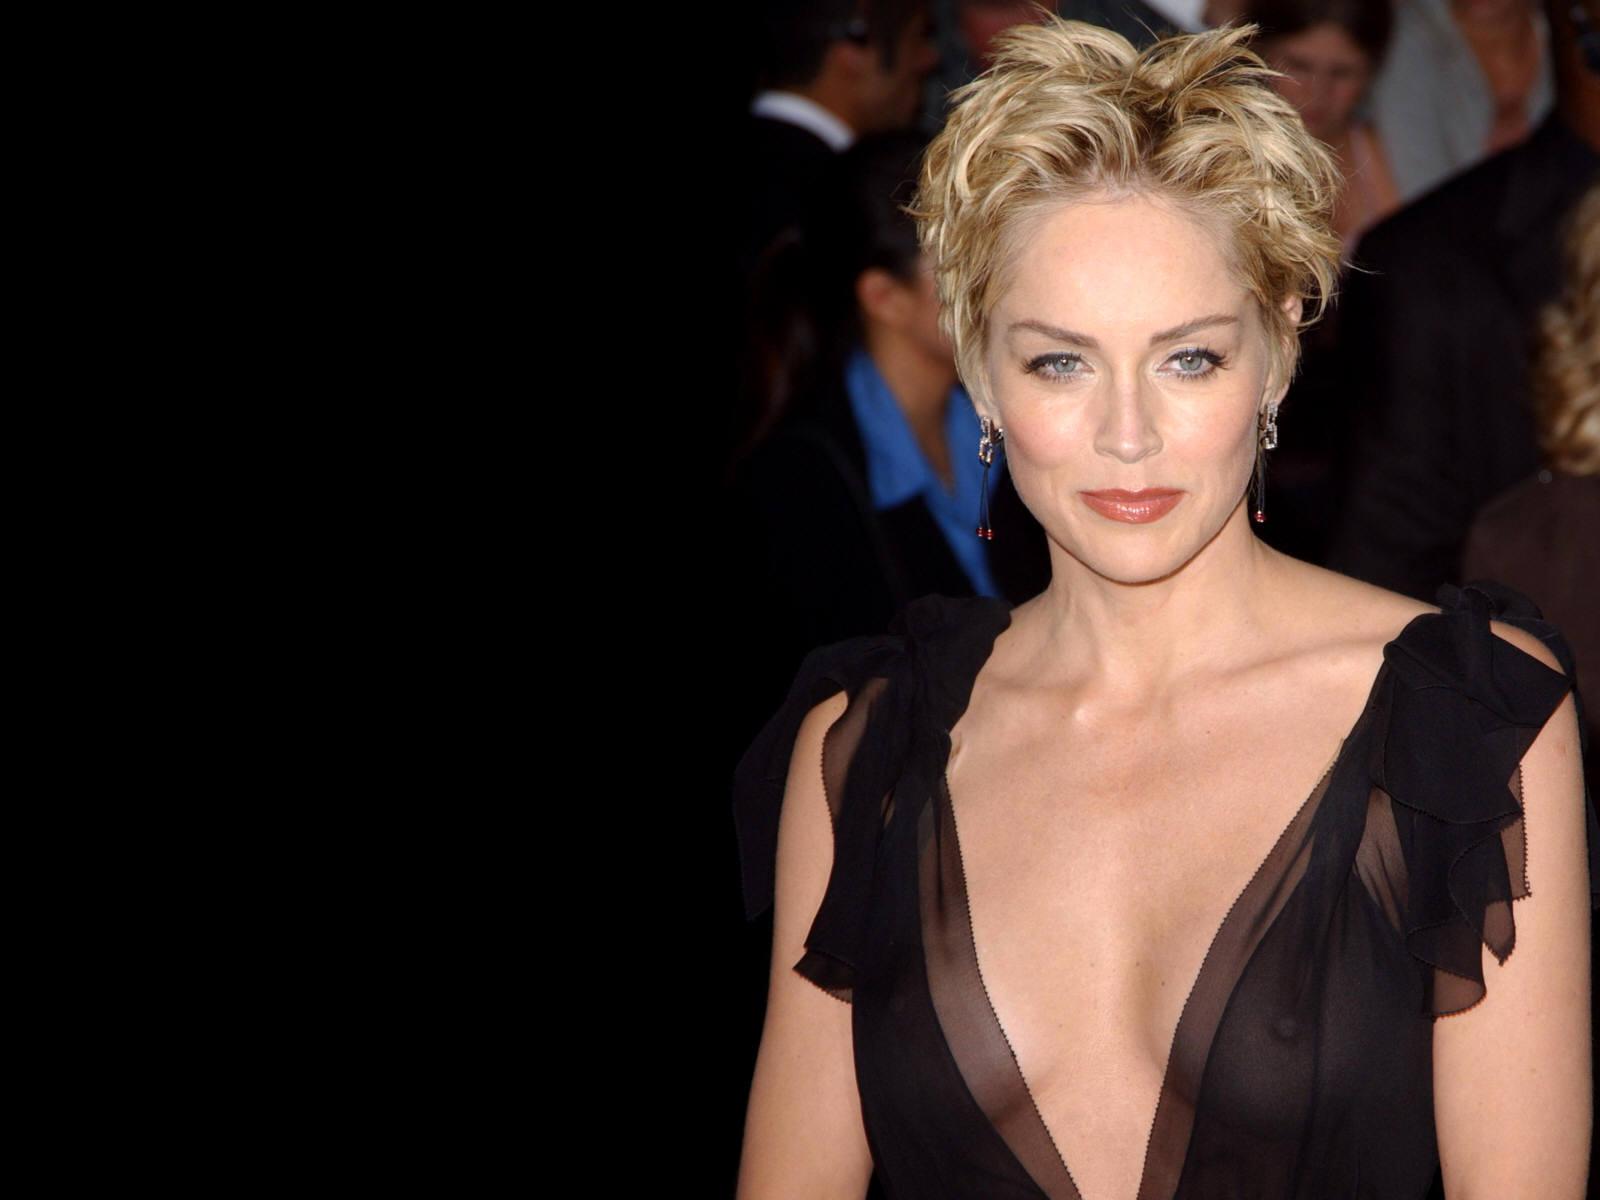 http://4.bp.blogspot.com/_Q_MQFtopsfY/SHiac7TCHpI/AAAAAAAADRk/ZsRrtaG6Qac/s1600/Fullwalls.blogspot.com_Sharon_Stone%2821%29.jpg